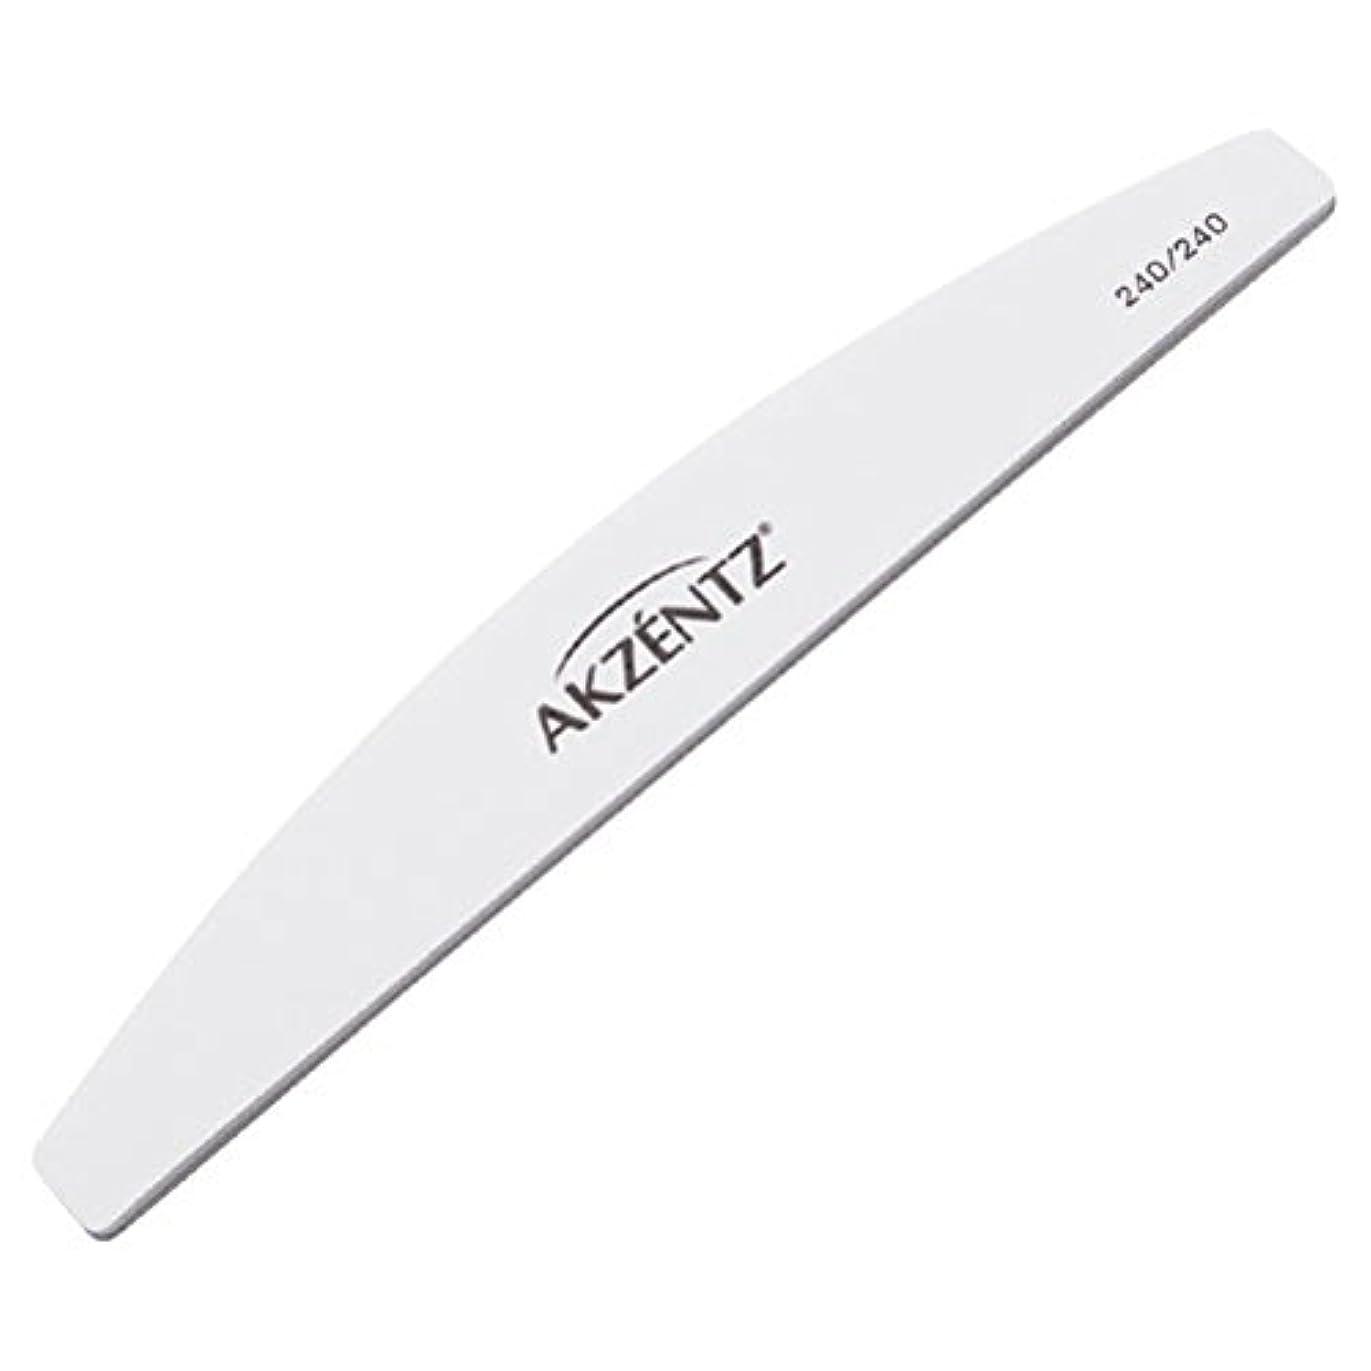 批判勃起スコットランド人AKZENTZ ファイル アーチホワイト 240/240